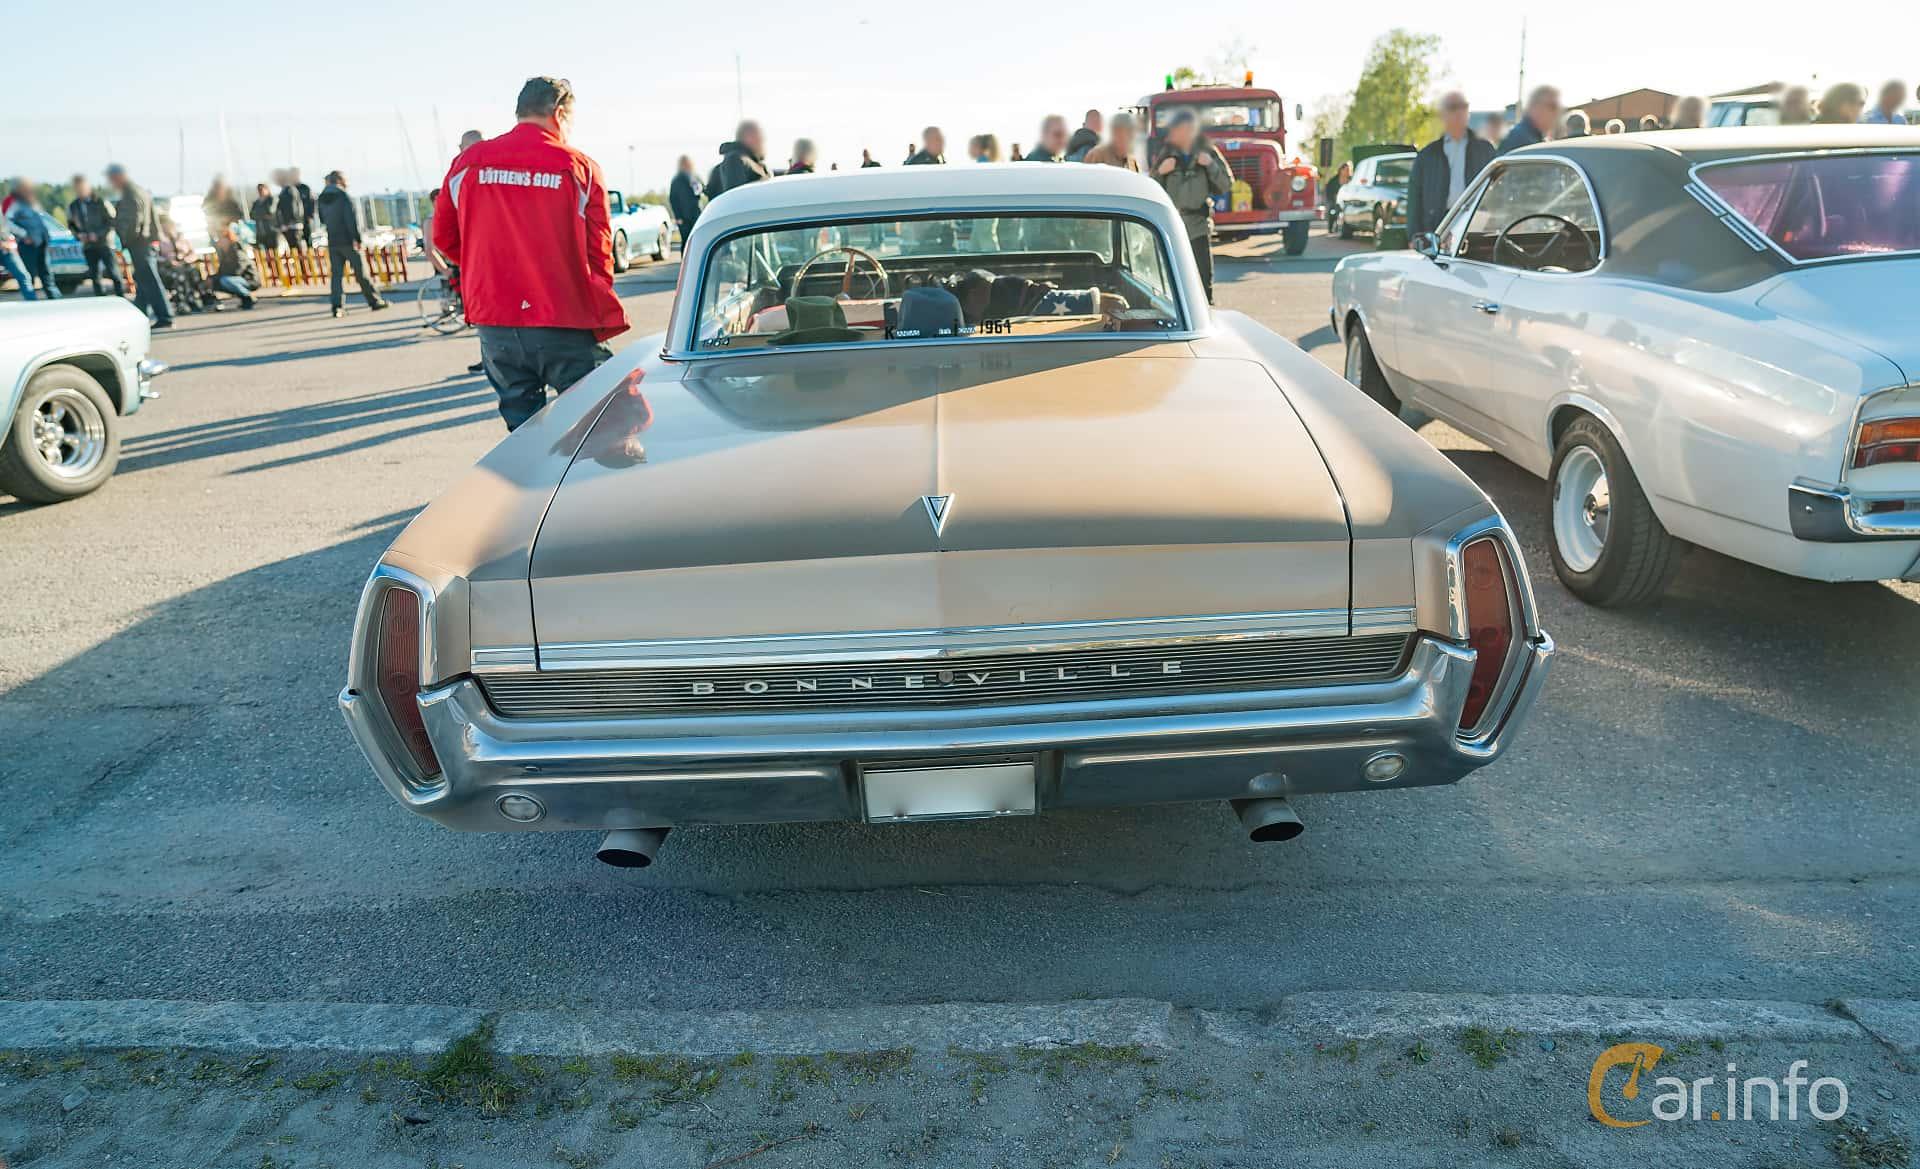 """Back of Pontiac Bonneville 2-door Hardtop 6.4 V8 Hydra-Matic, 310ps, 1964 at Nyköpings hamnträffar 2019 Vecka 20  Tema: """"Kvinnor vid ratten"""""""